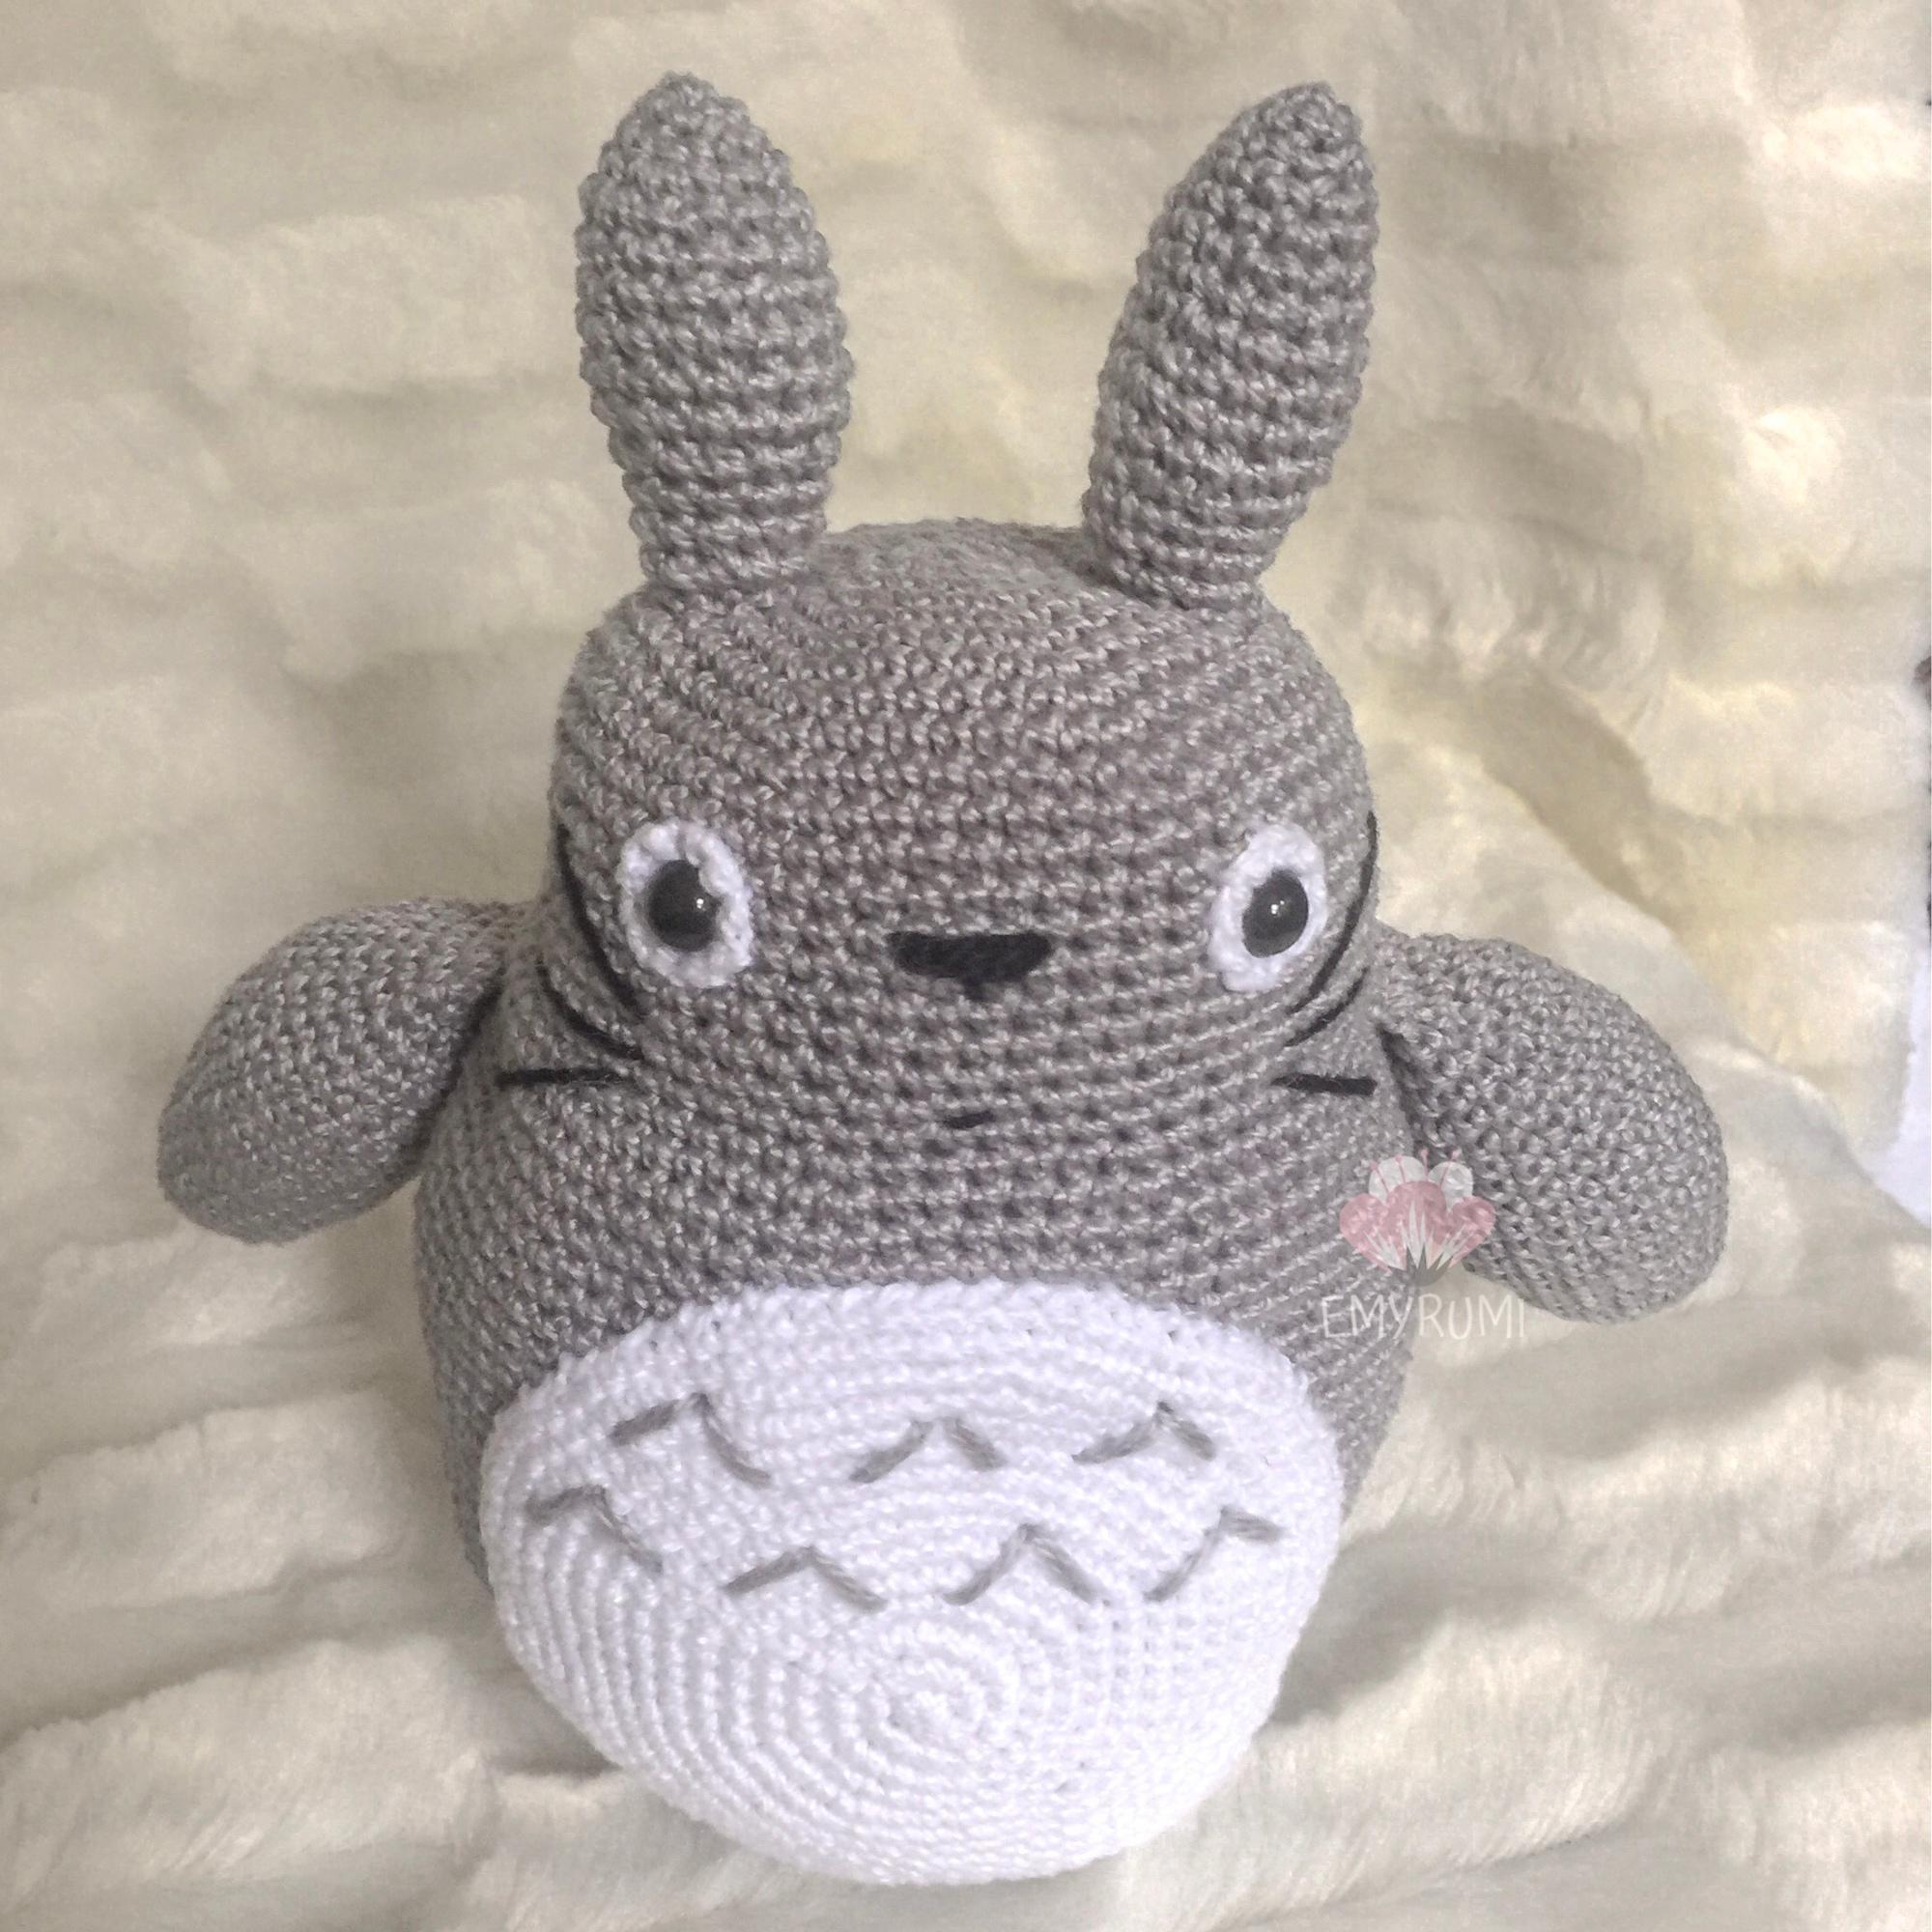 PDF patrón amigurumi Totoro, patrón crochet Totoro, patrón estudio ... | 2000x2000